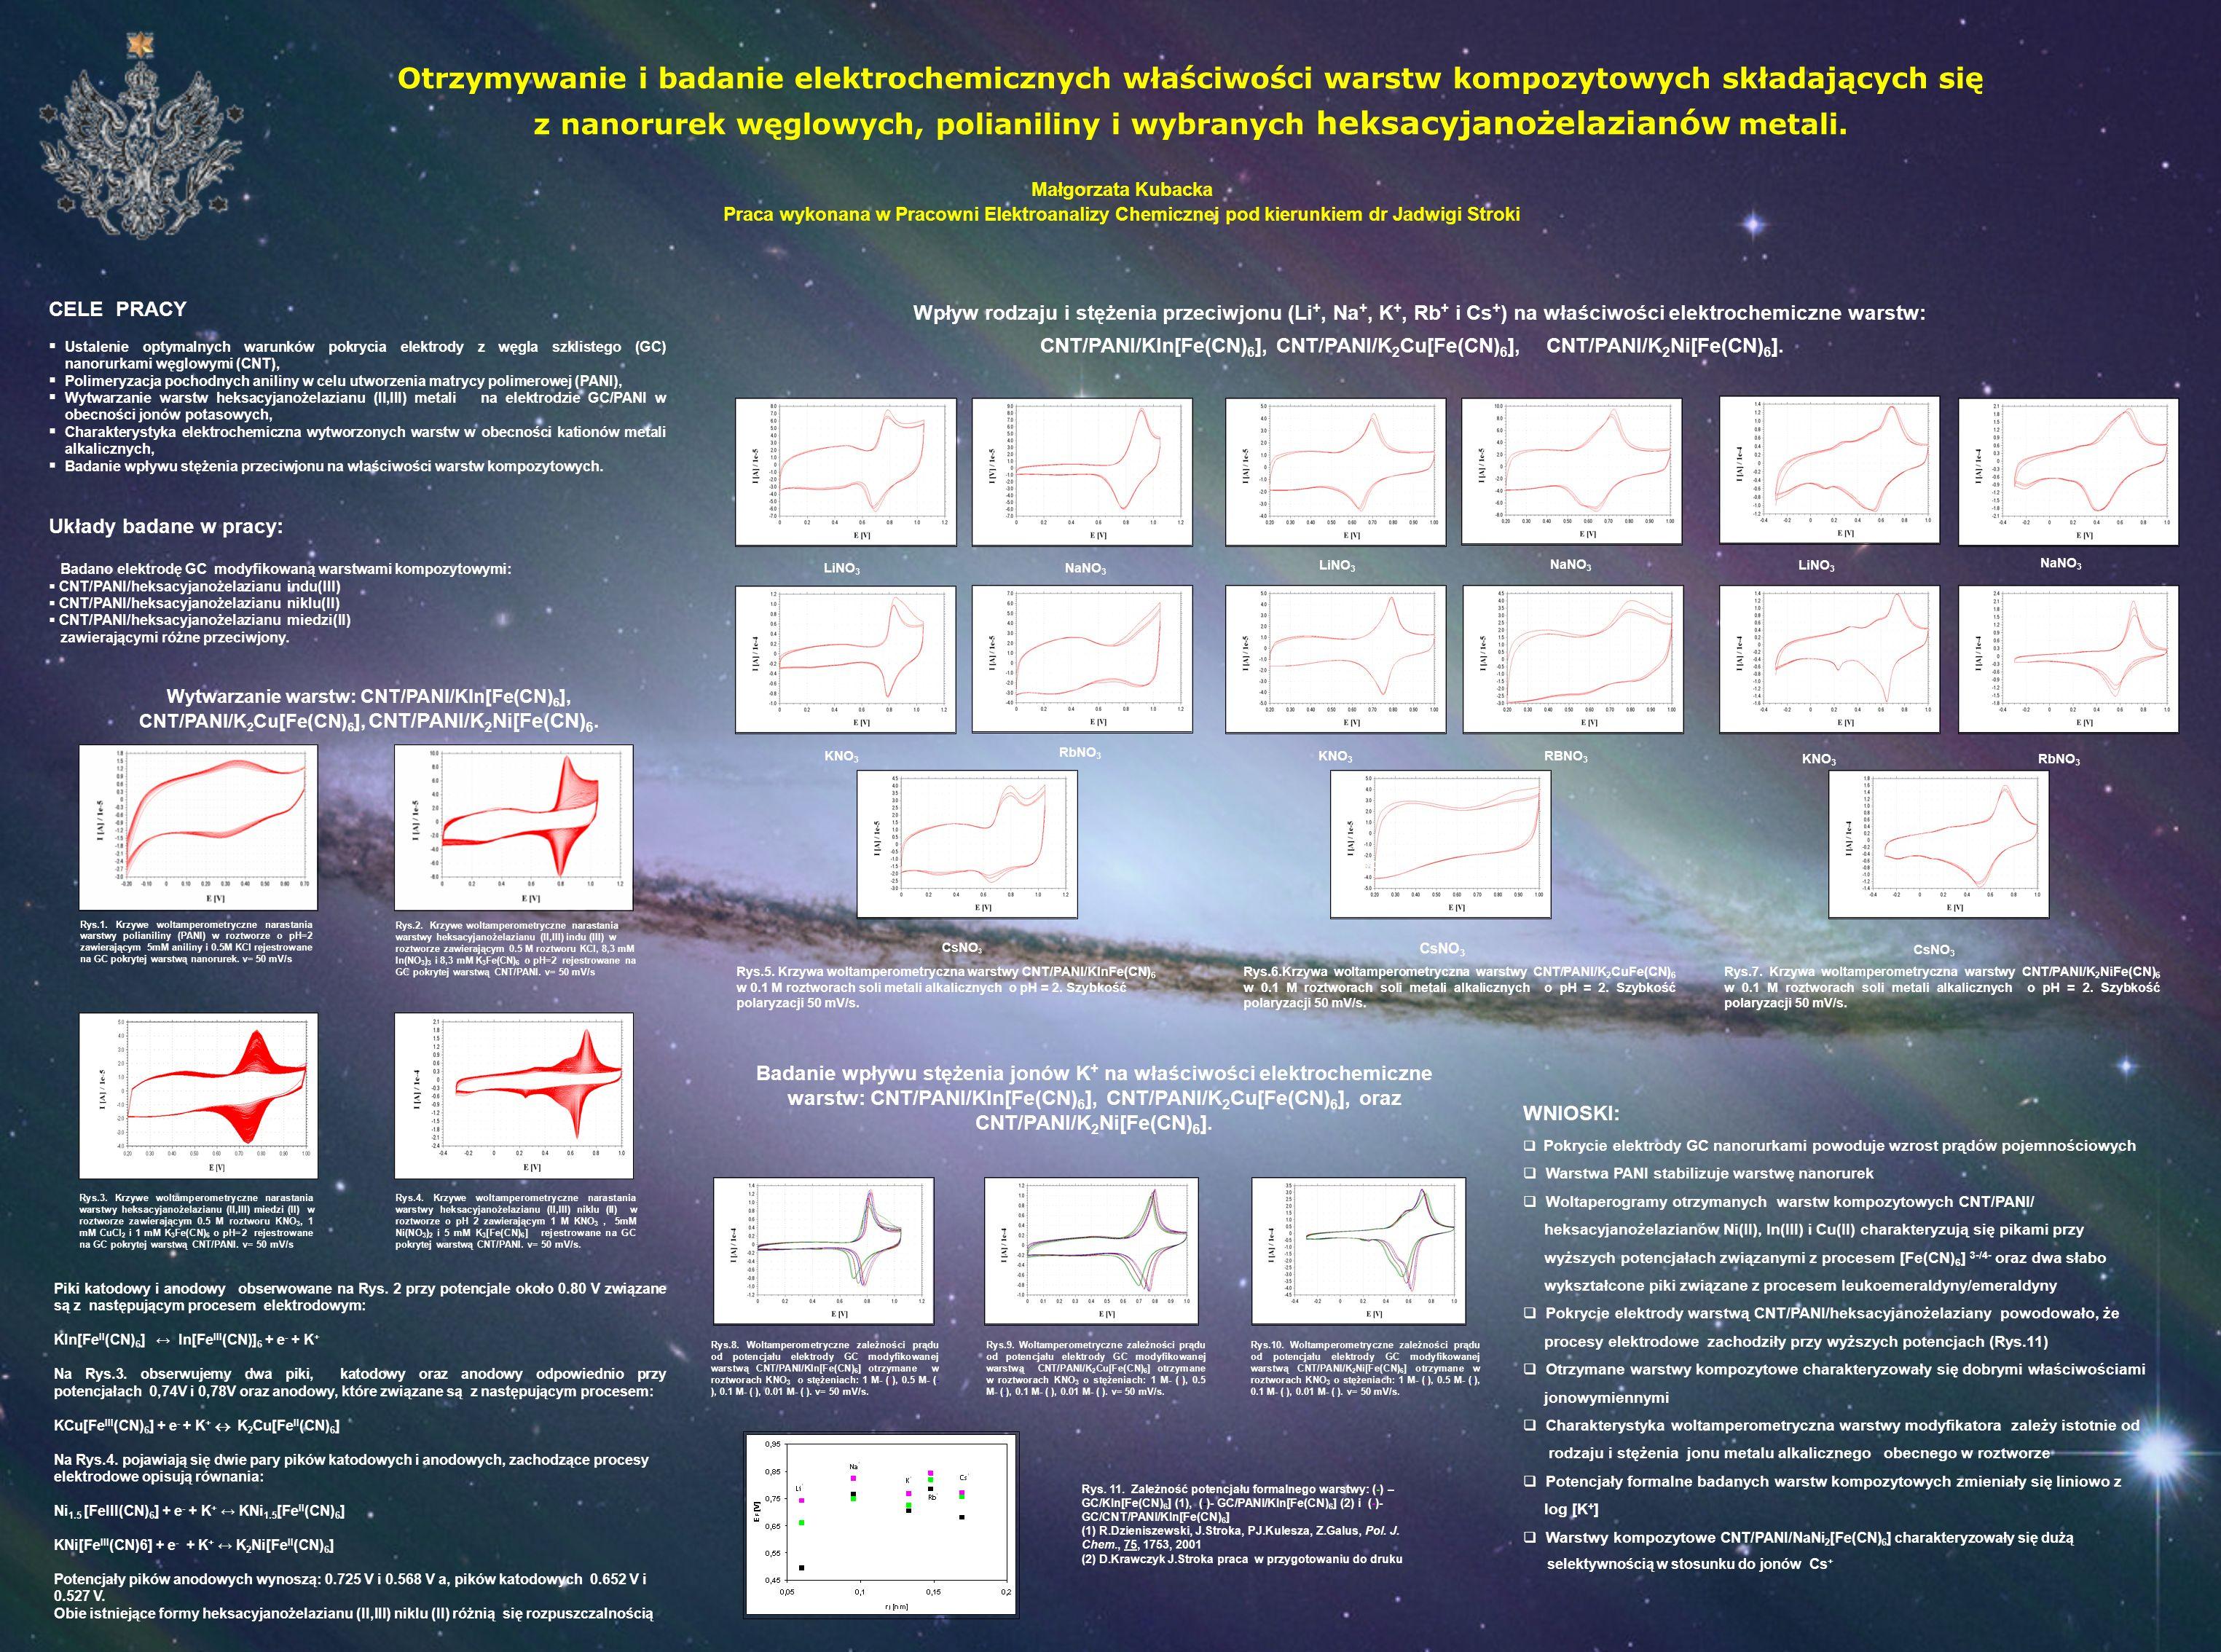 Otrzymywanie i badanie elektrochemicznych właściwości warstw kompozytowych składających się z nanorurek węglowych, polianiliny i wybranych heksacyjano